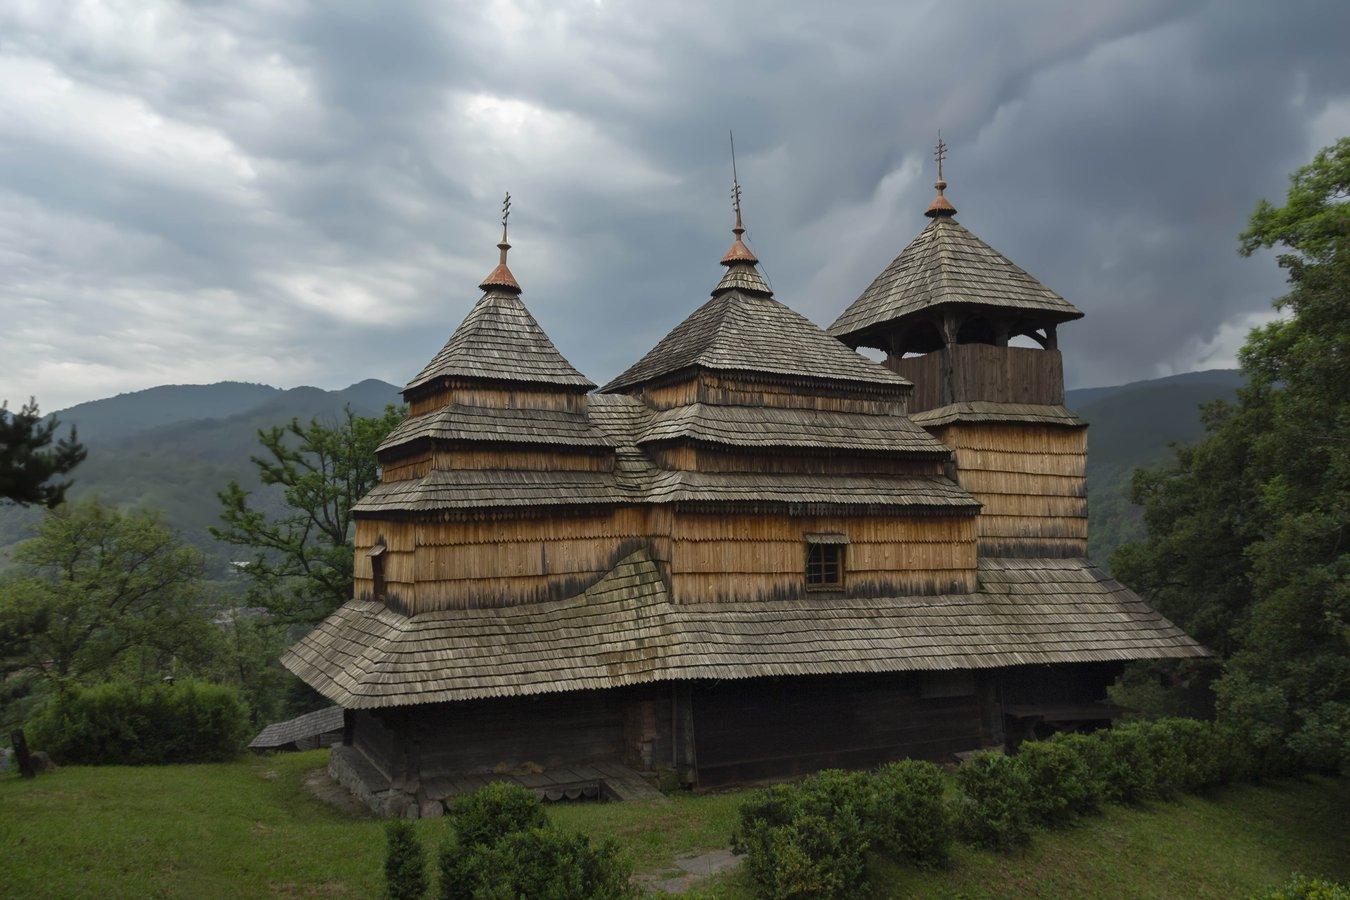 Церква Покрови Пресвятої Богородиці в селі Кострина неподалік від Ужоцького перевалу  – одна з найдавніших дерев'яних церков Закарпаття. За переказом, була збудована 1645 р.jpg